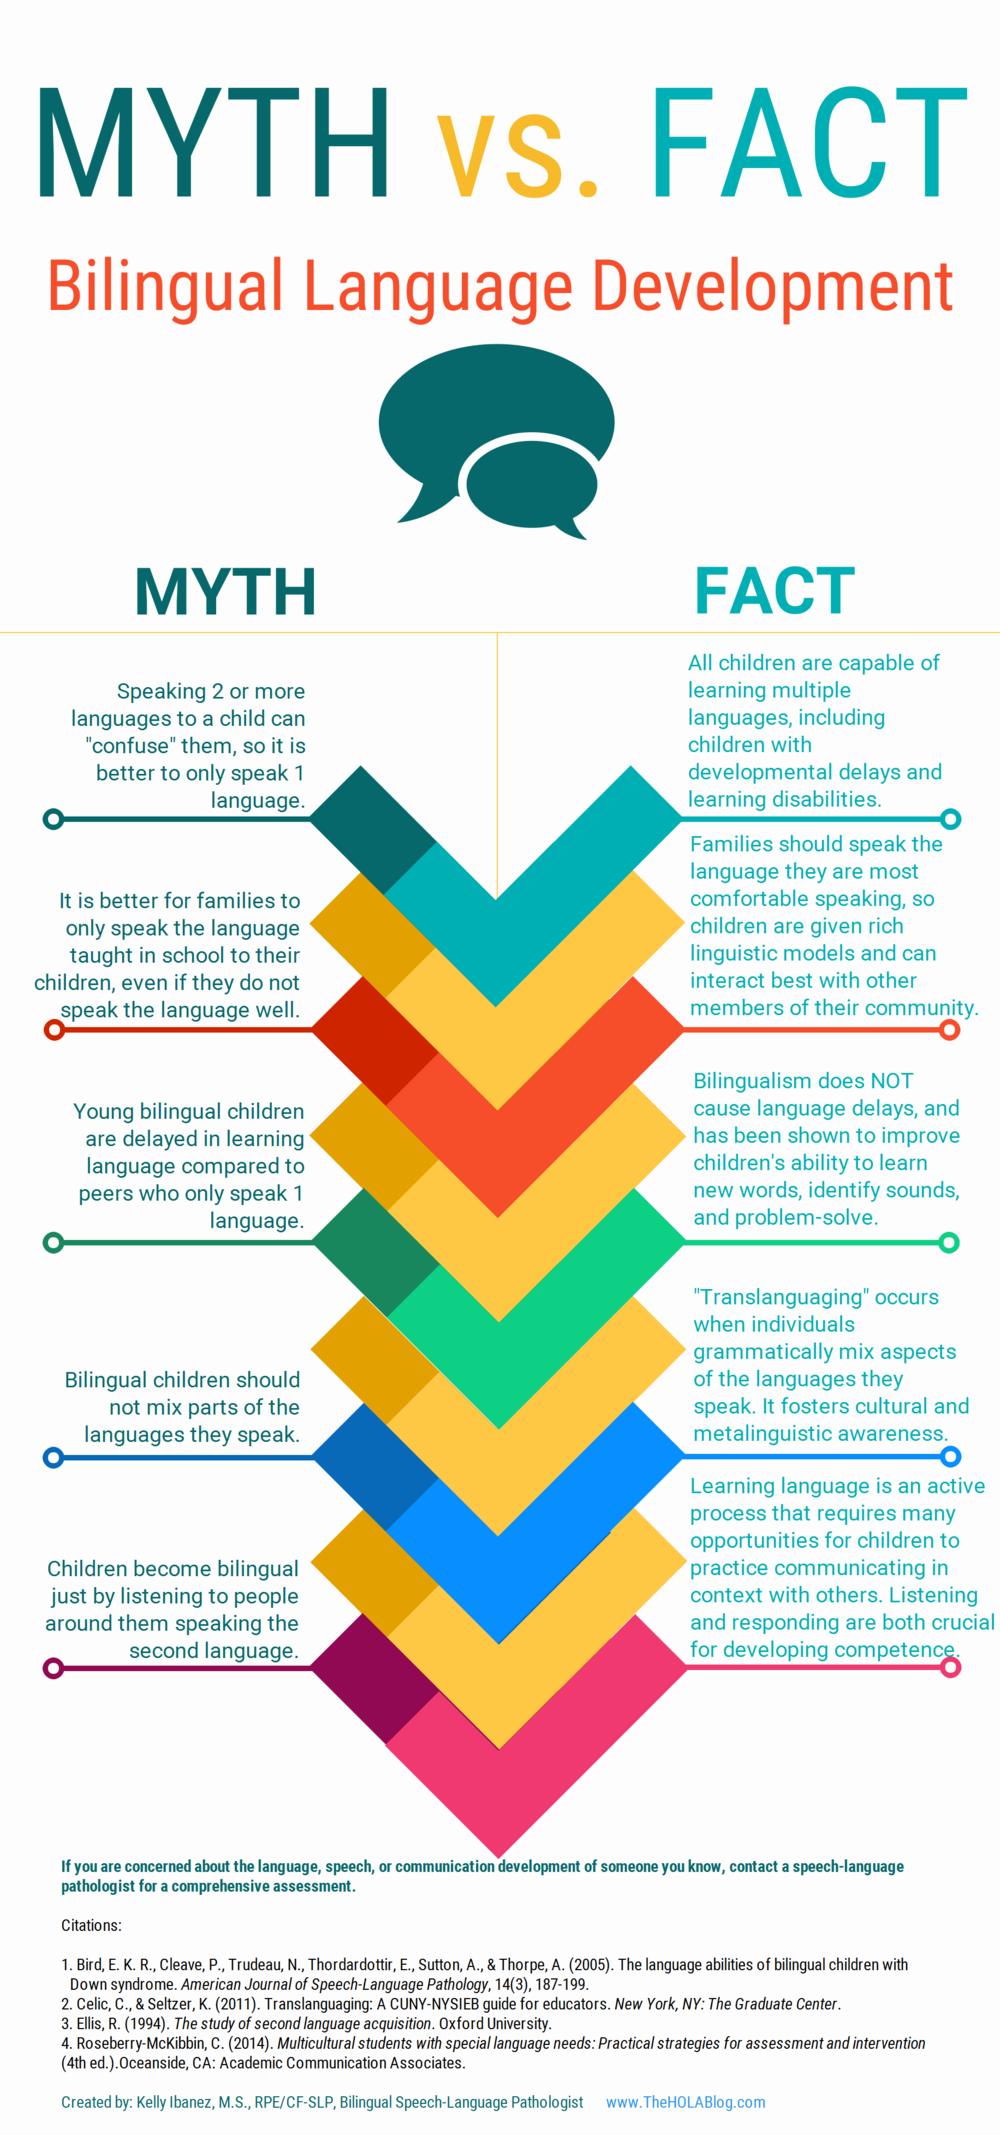 Myter och fakta om flerspråkighet. Bildkälla:  www.theHOLABlog.com  /Kelly Ibanez